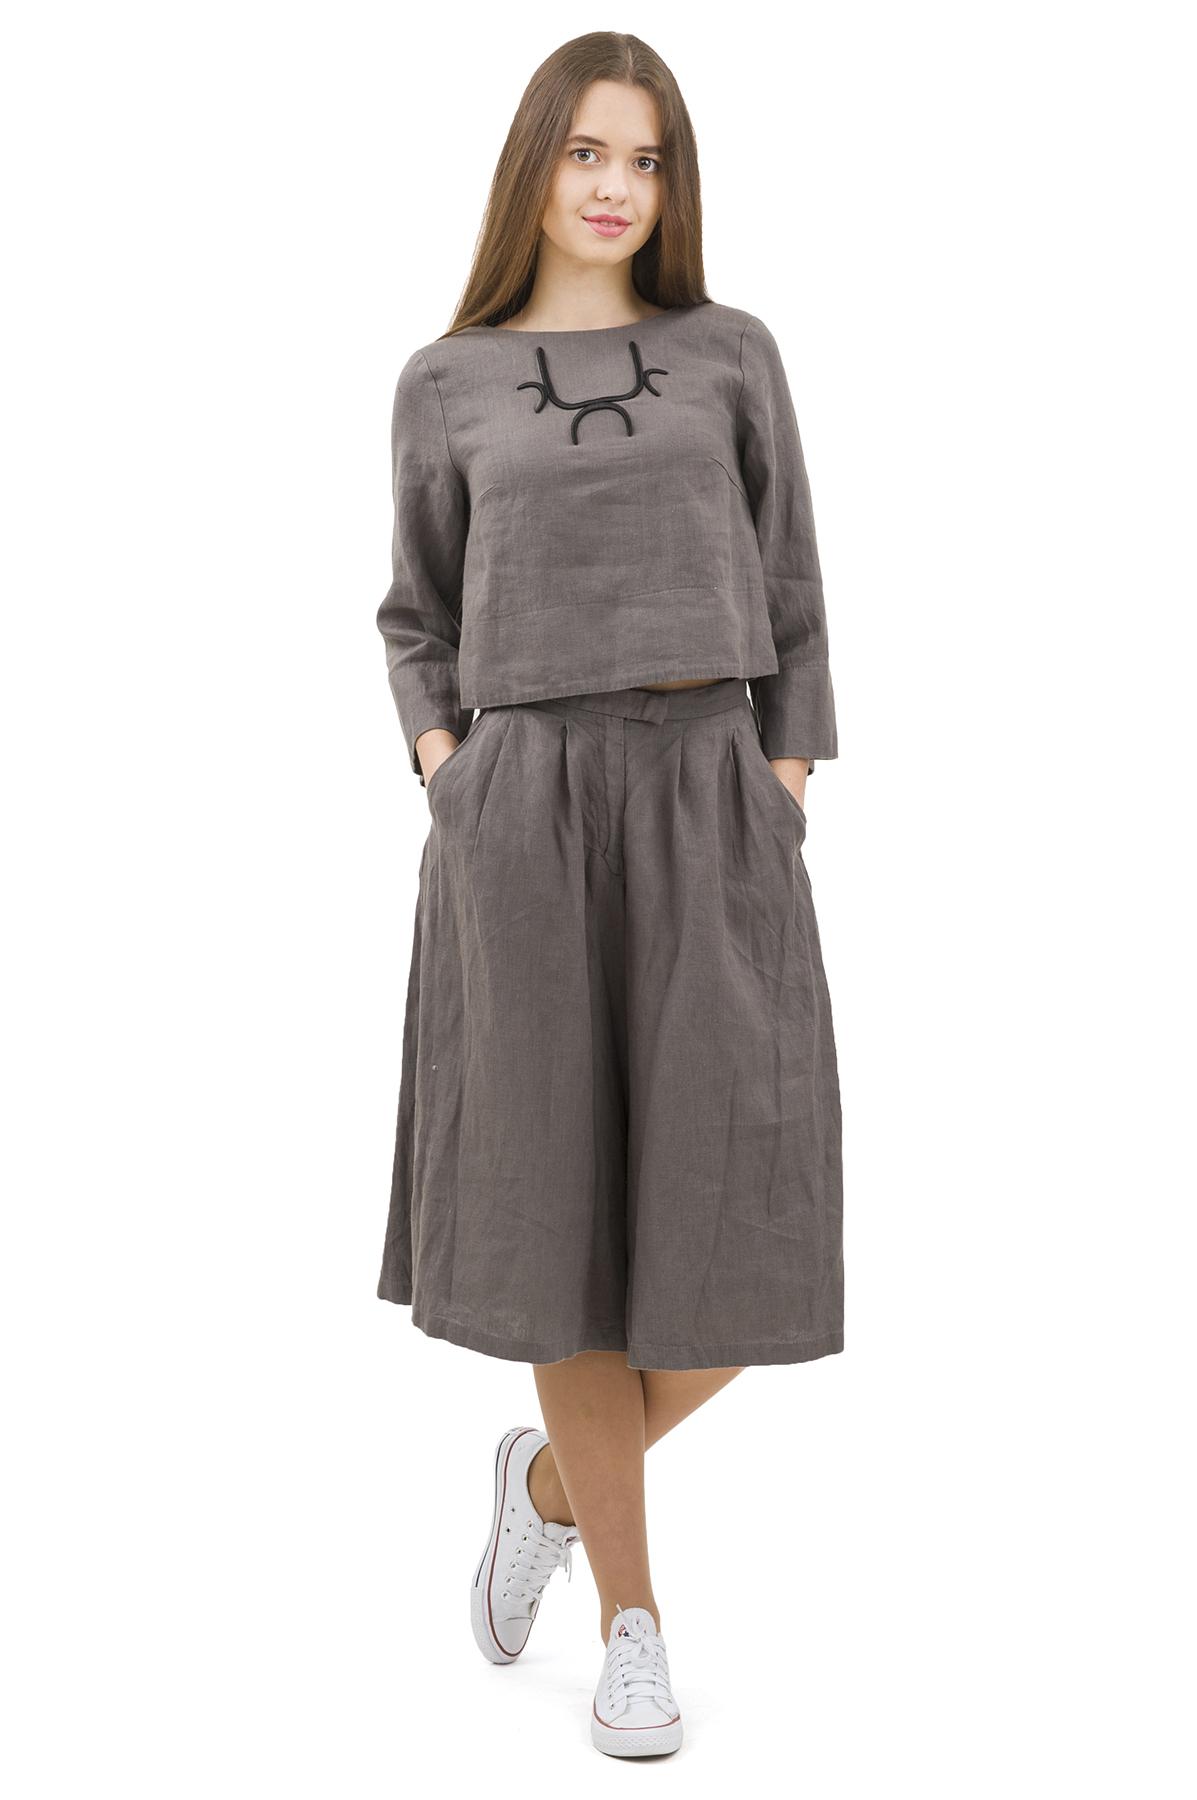 КостюмПлатья,  сарафаны<br>Стильный костюм выполнен из натуральной ткани - льна. Данная модель удачно подчеркнет красоту Вашей фигуры, а яркая расцветка  не оставит Вас незамеченной.<br><br>Цвет: темно-серый<br>Состав: 100% лен<br>Размер: 40,42,44,46,50<br>Страна дизайна: Россия<br>Страна производства: Россия